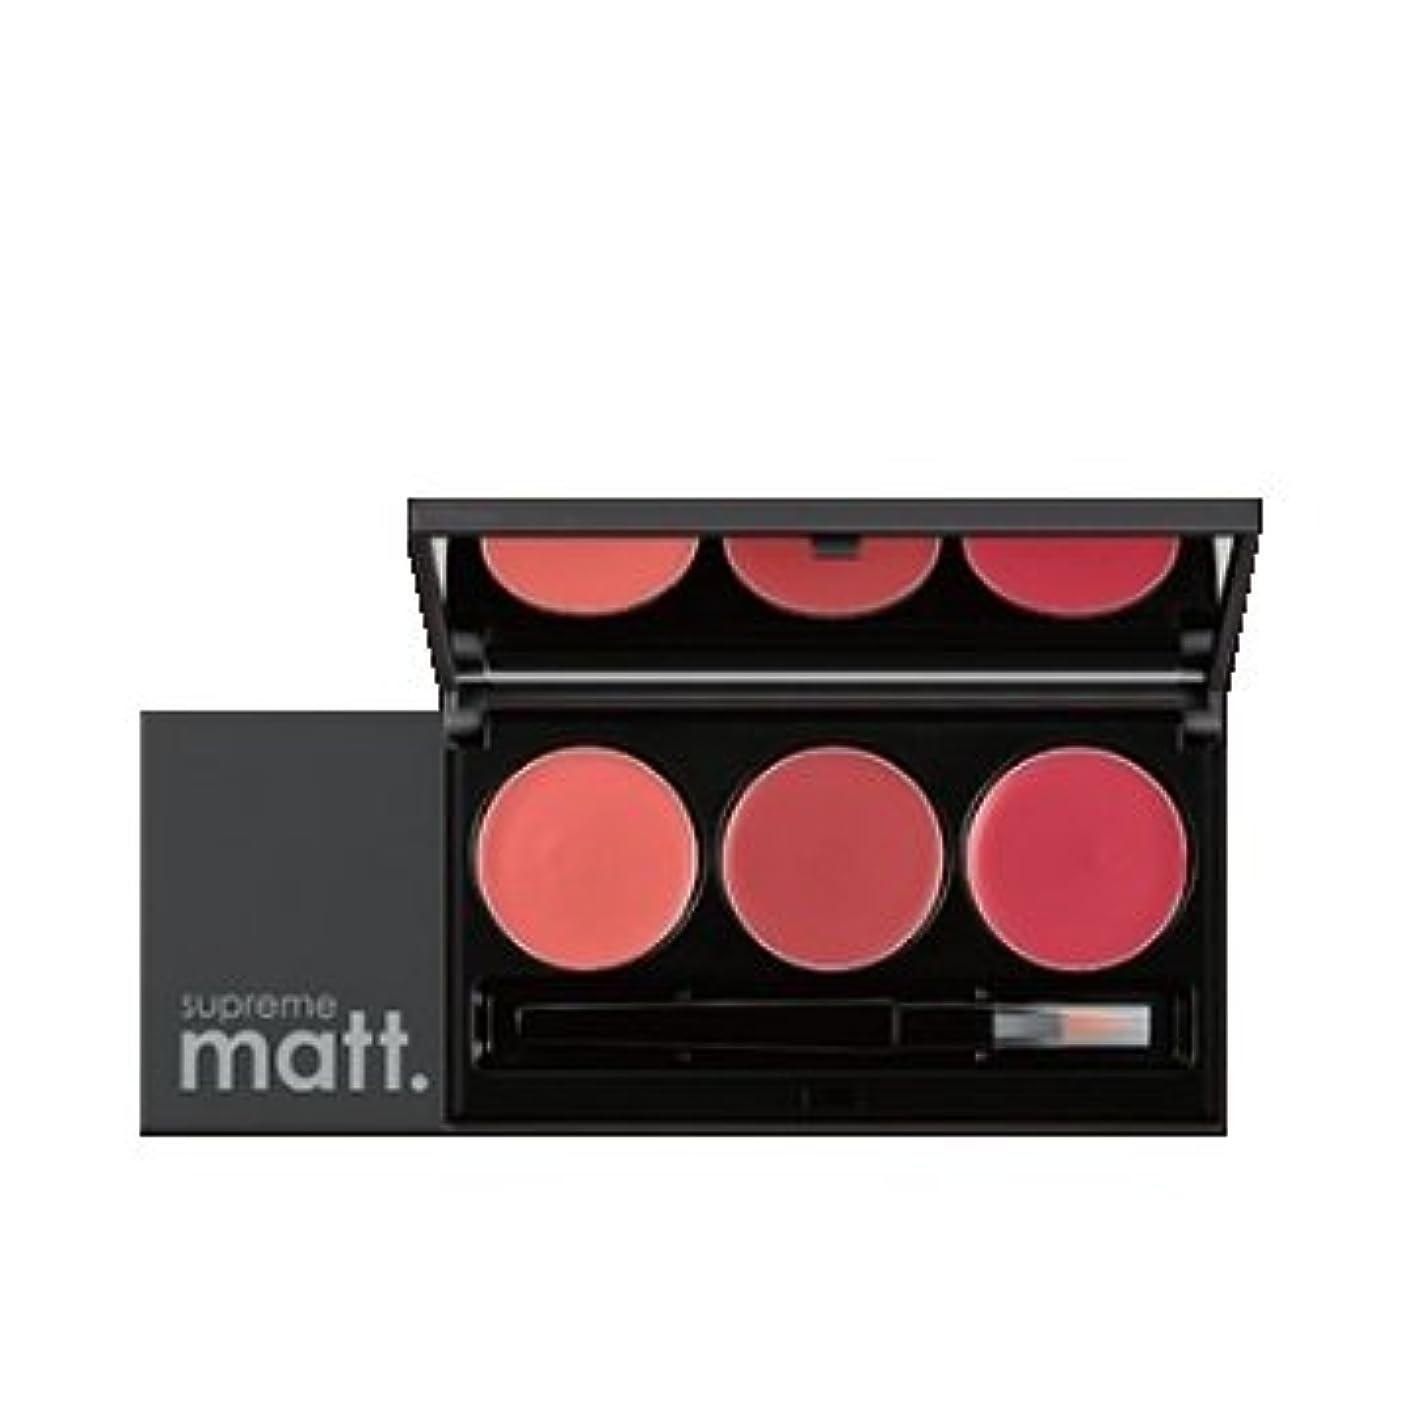 郵便局トムオードリースキモい[サンプル] MISSHA Supreme Matt Lip Rouge Lip Palette / ミシャ シュープリームマットリップルージュリップパレット [並行輸入品]